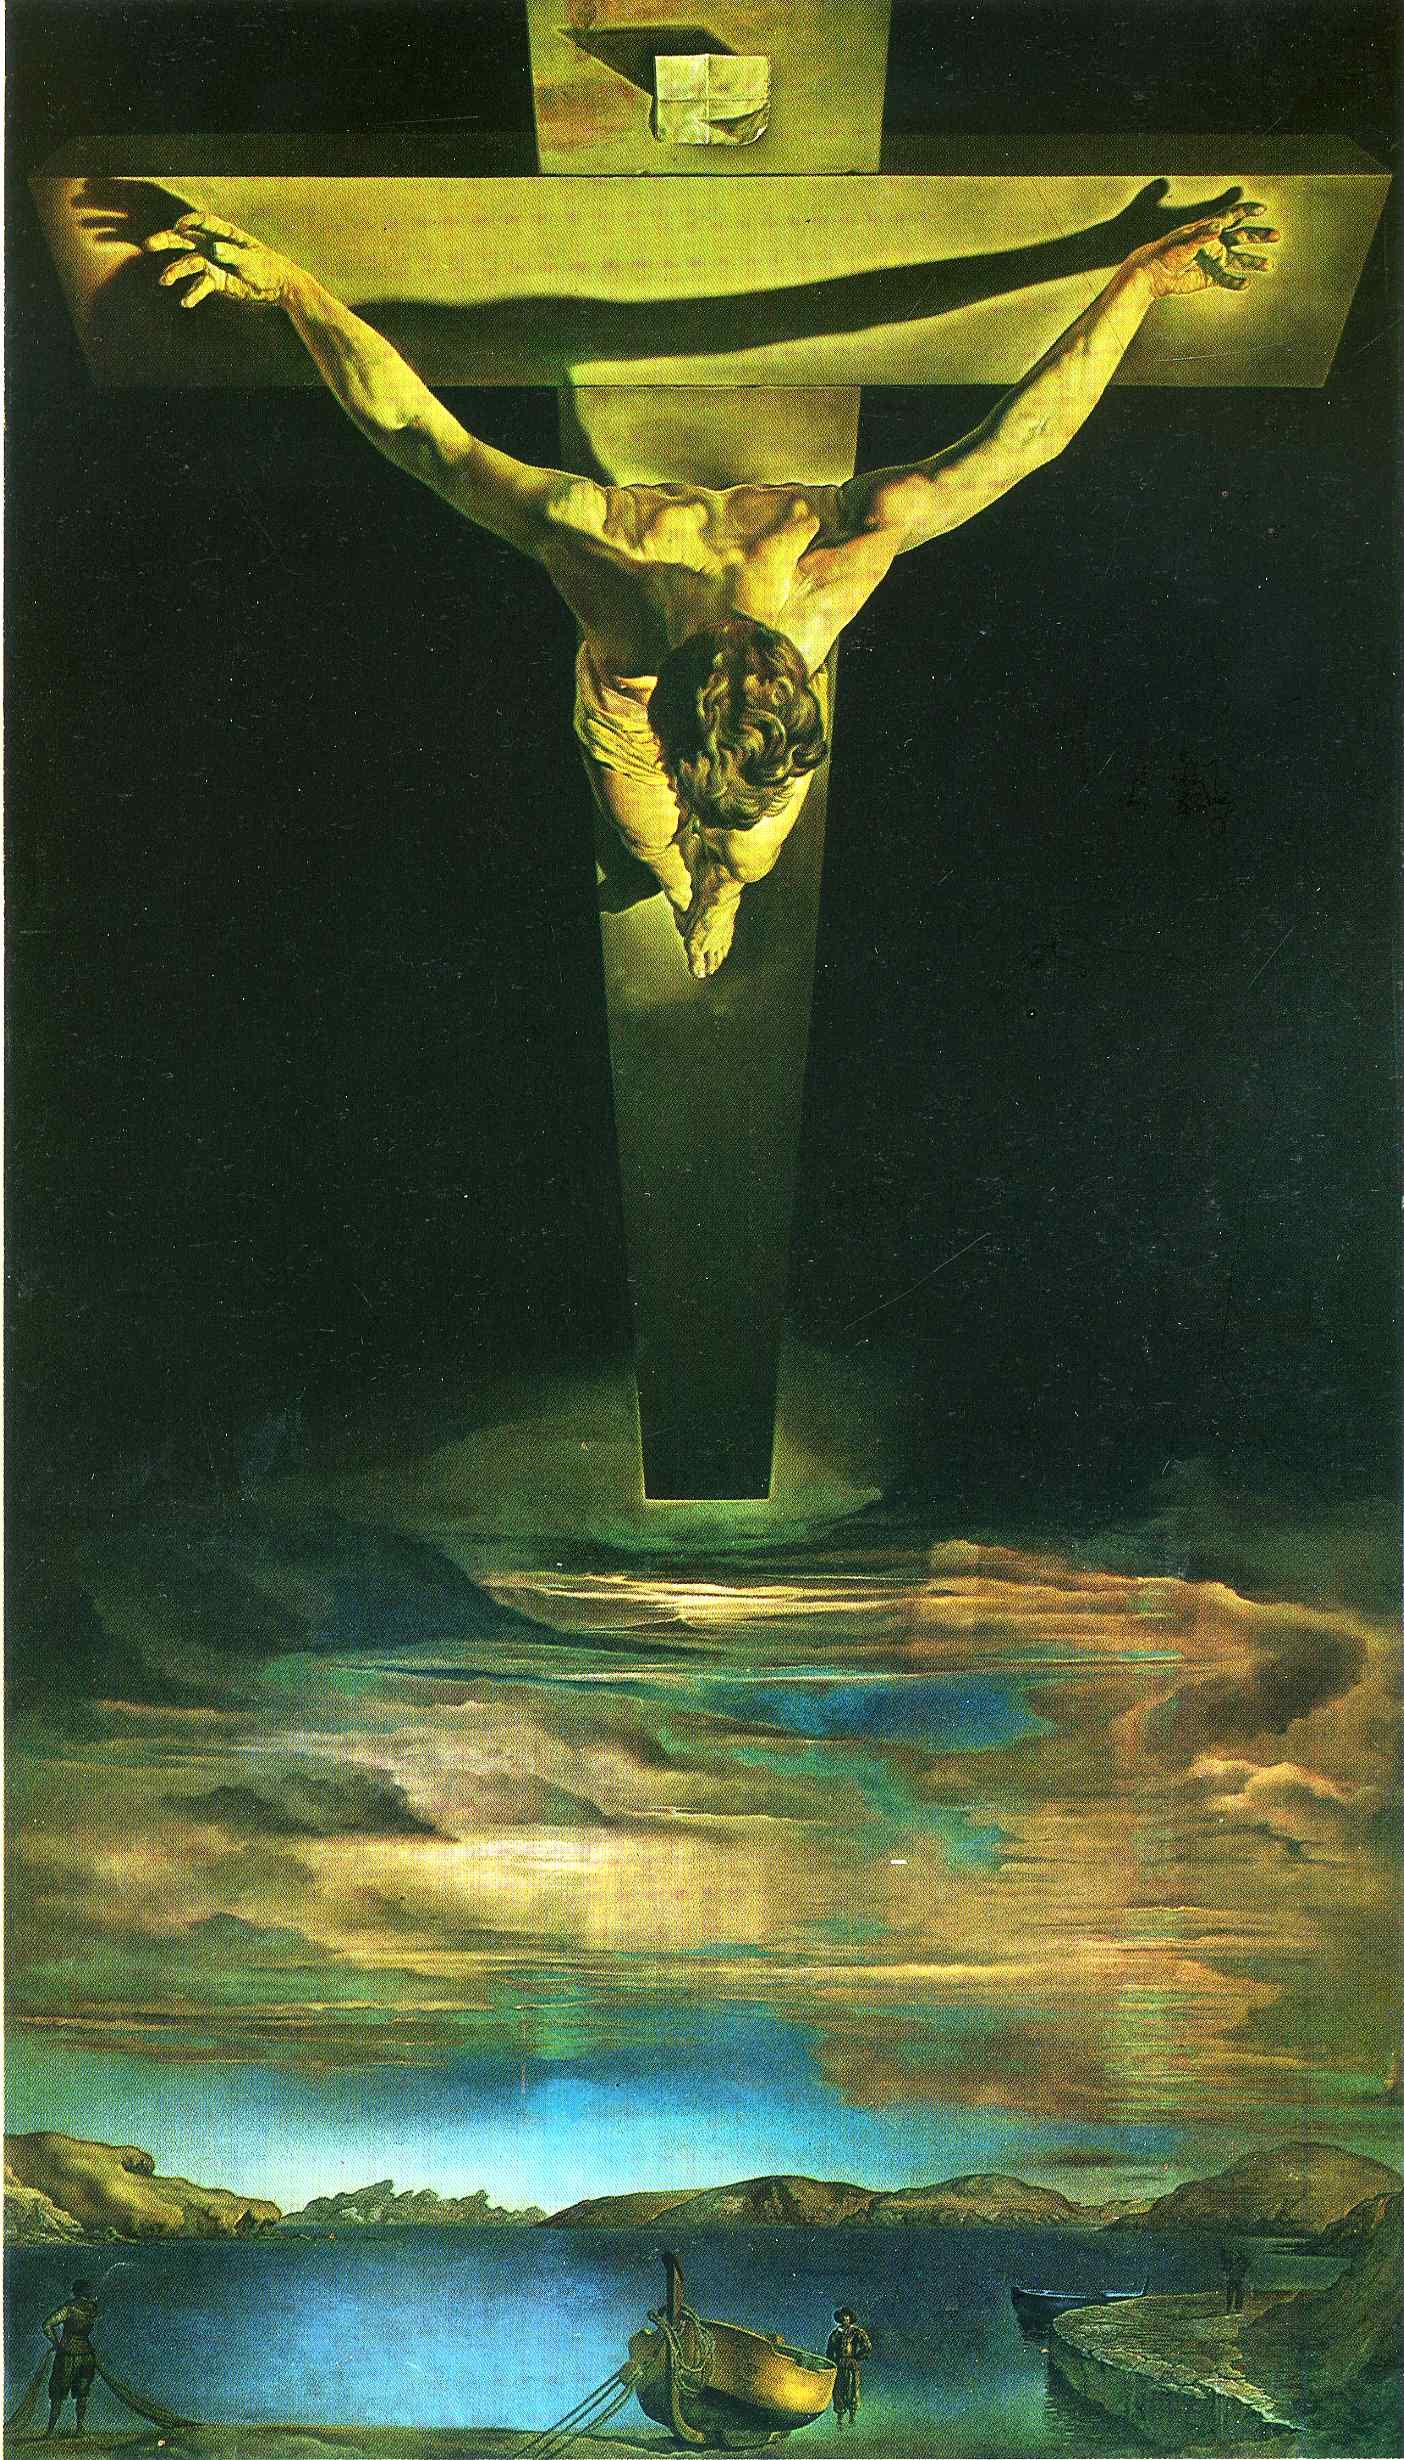 [Image: christ-of-st-john-of-the-cross-1951.jpg]